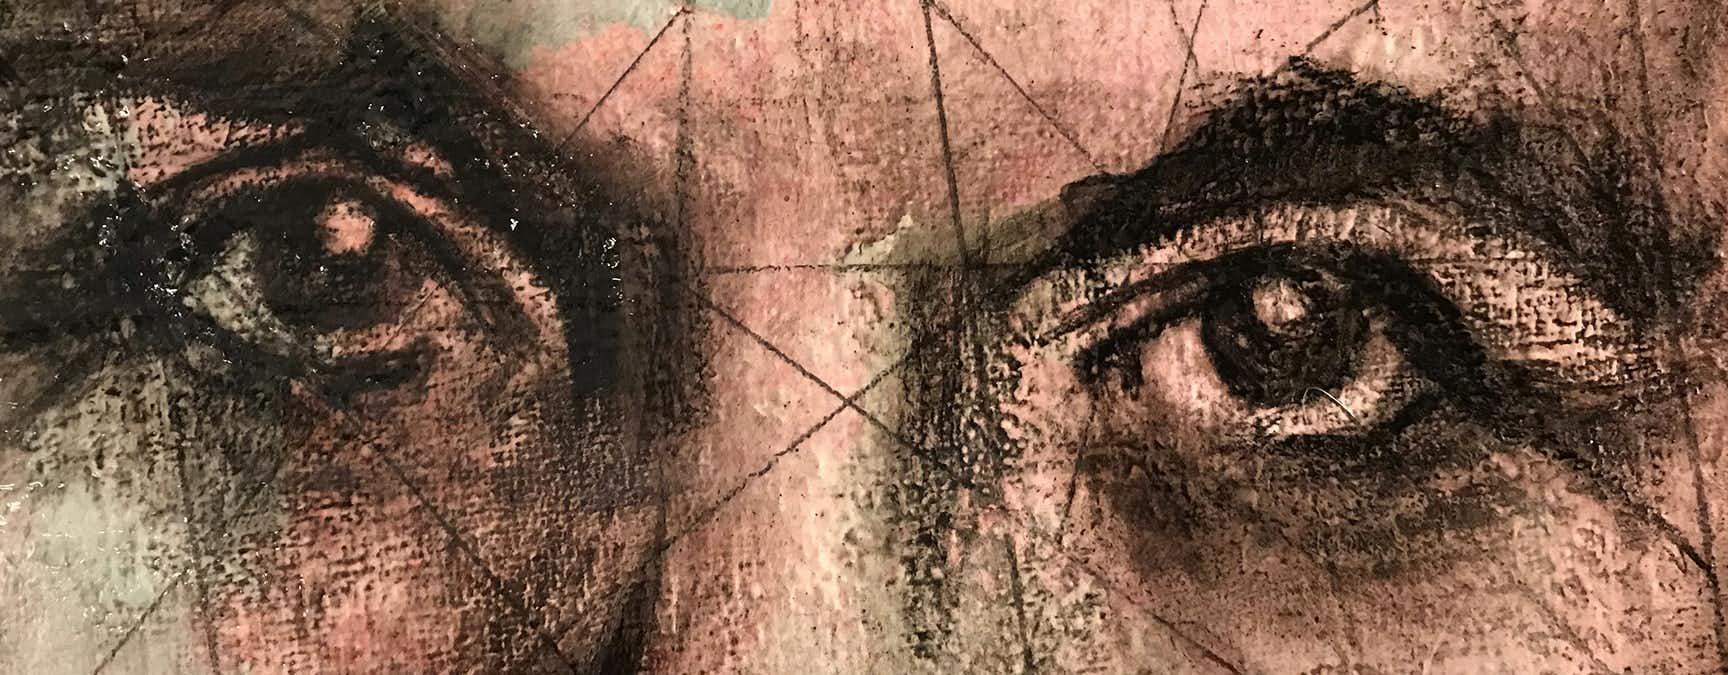 Målning föreställande ett kvinnoansikte. Ögonen är i fokus.